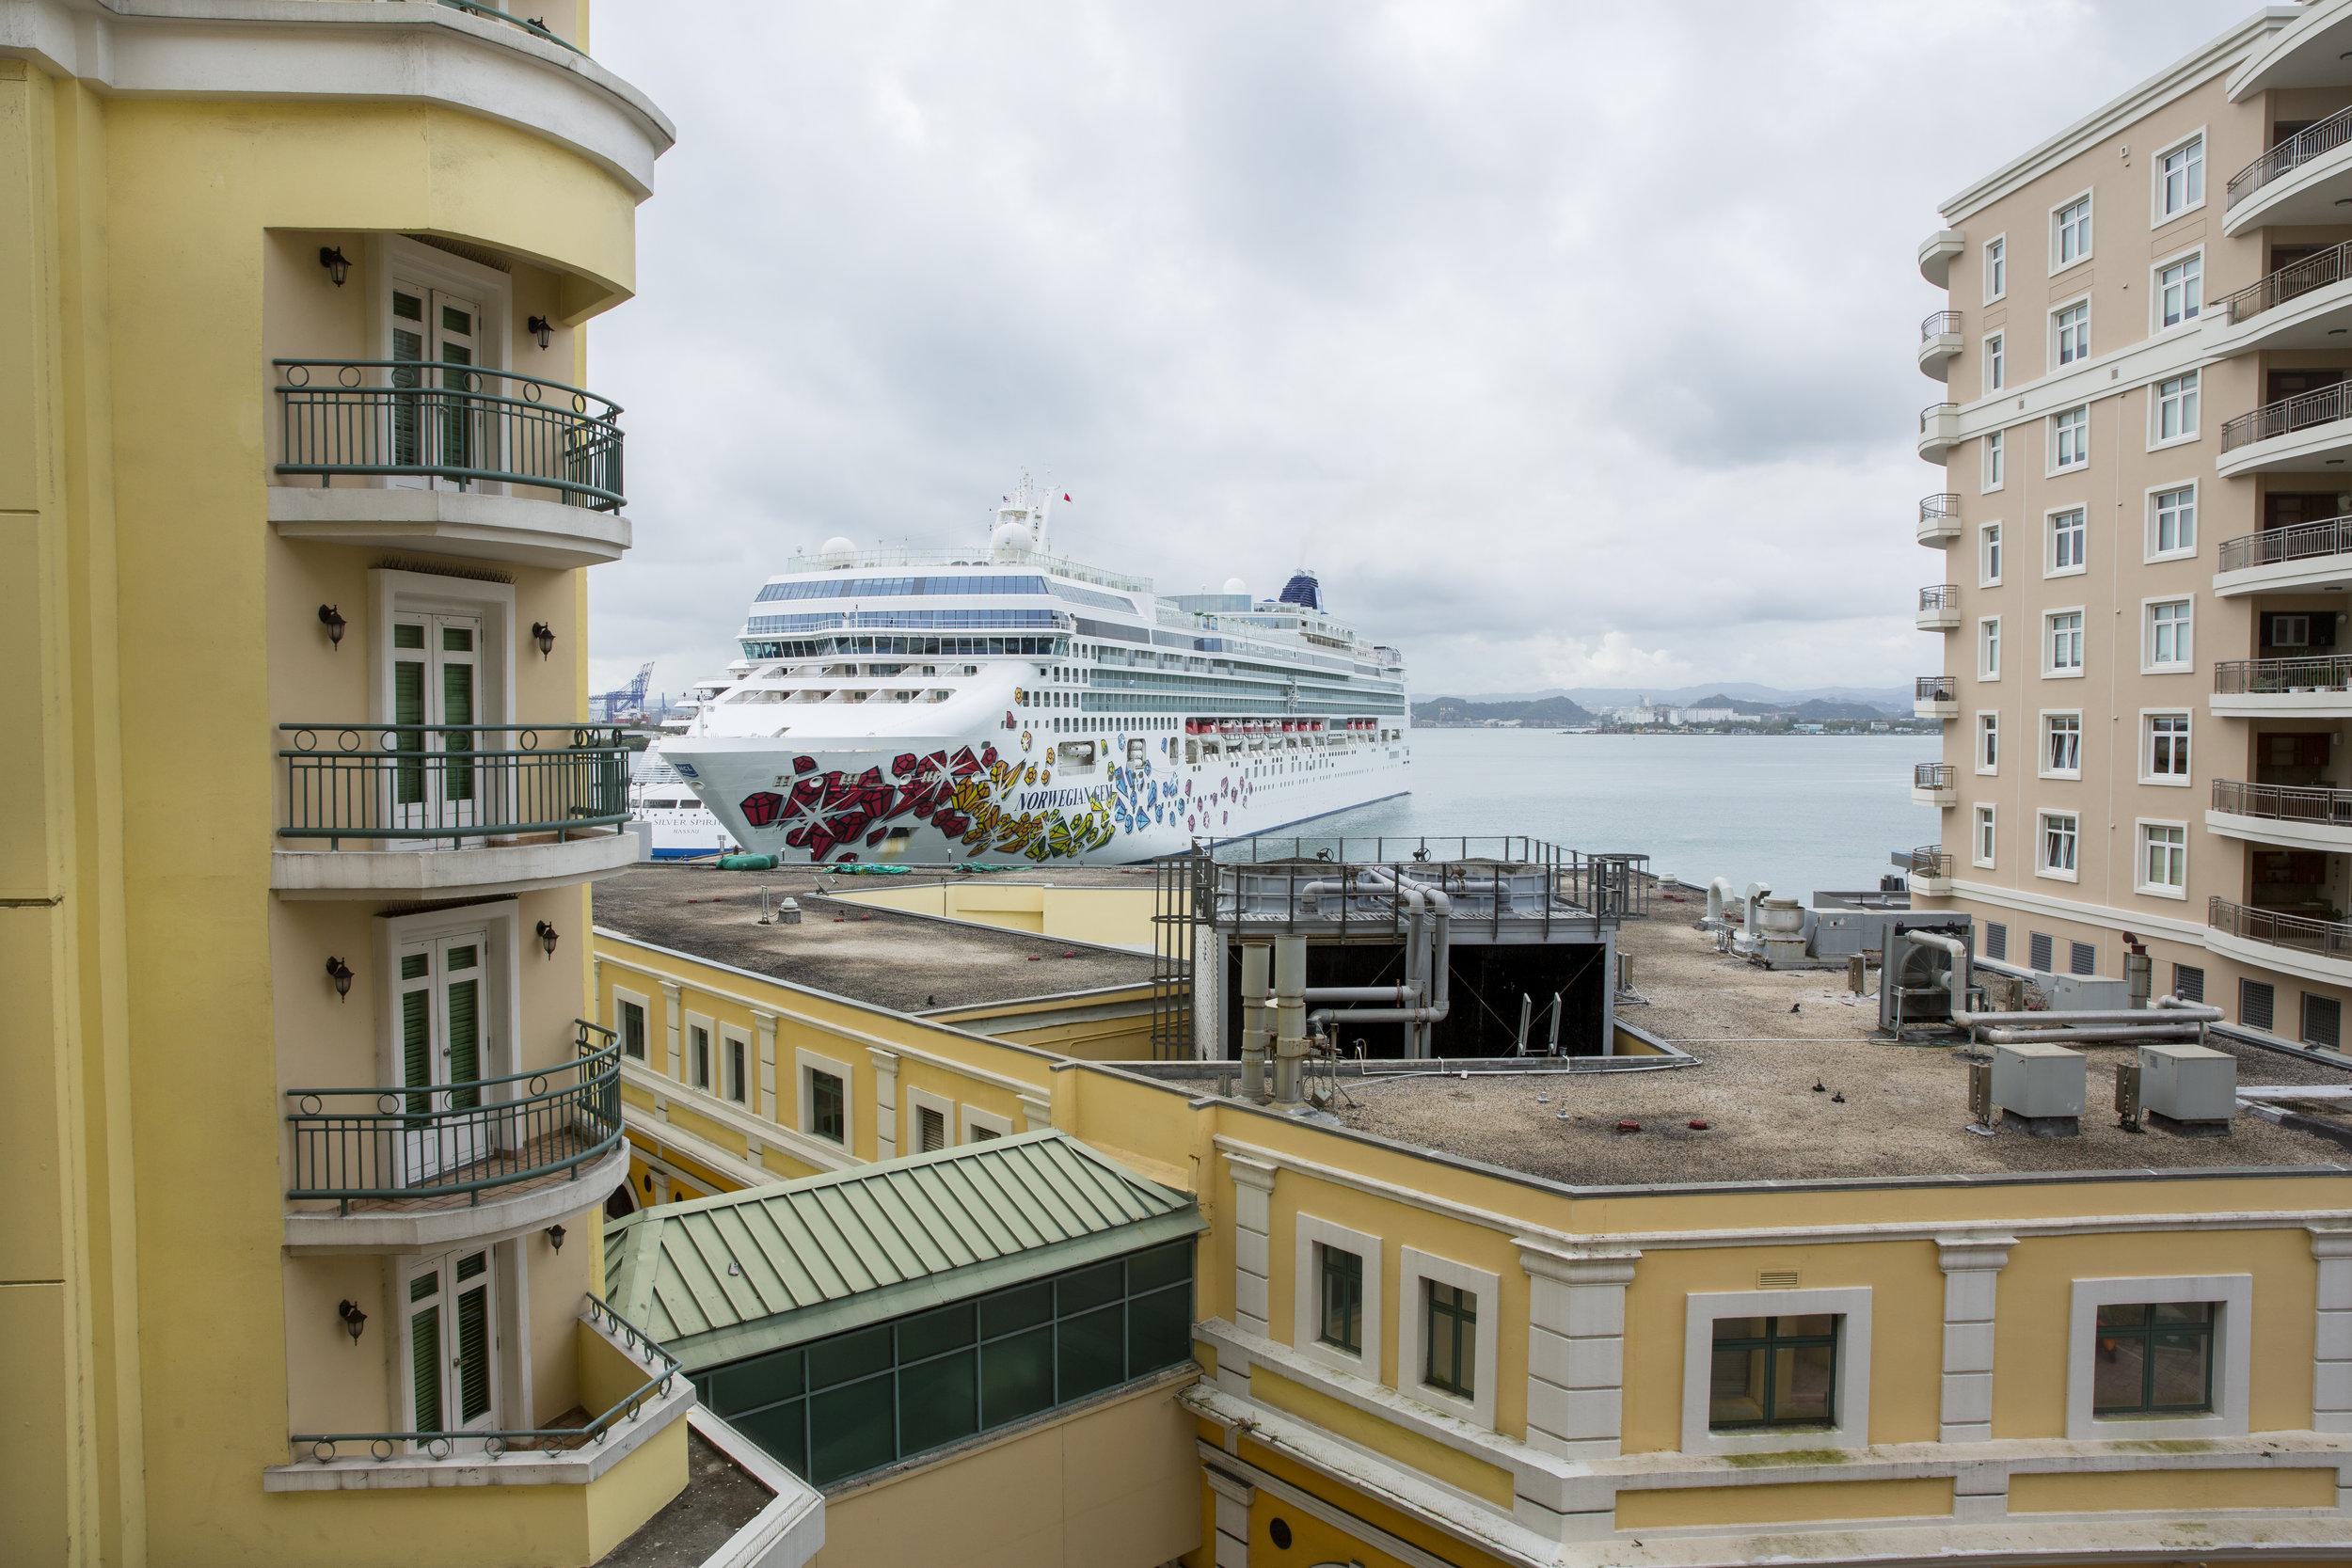 Cruise Liner_OSJ.jpg